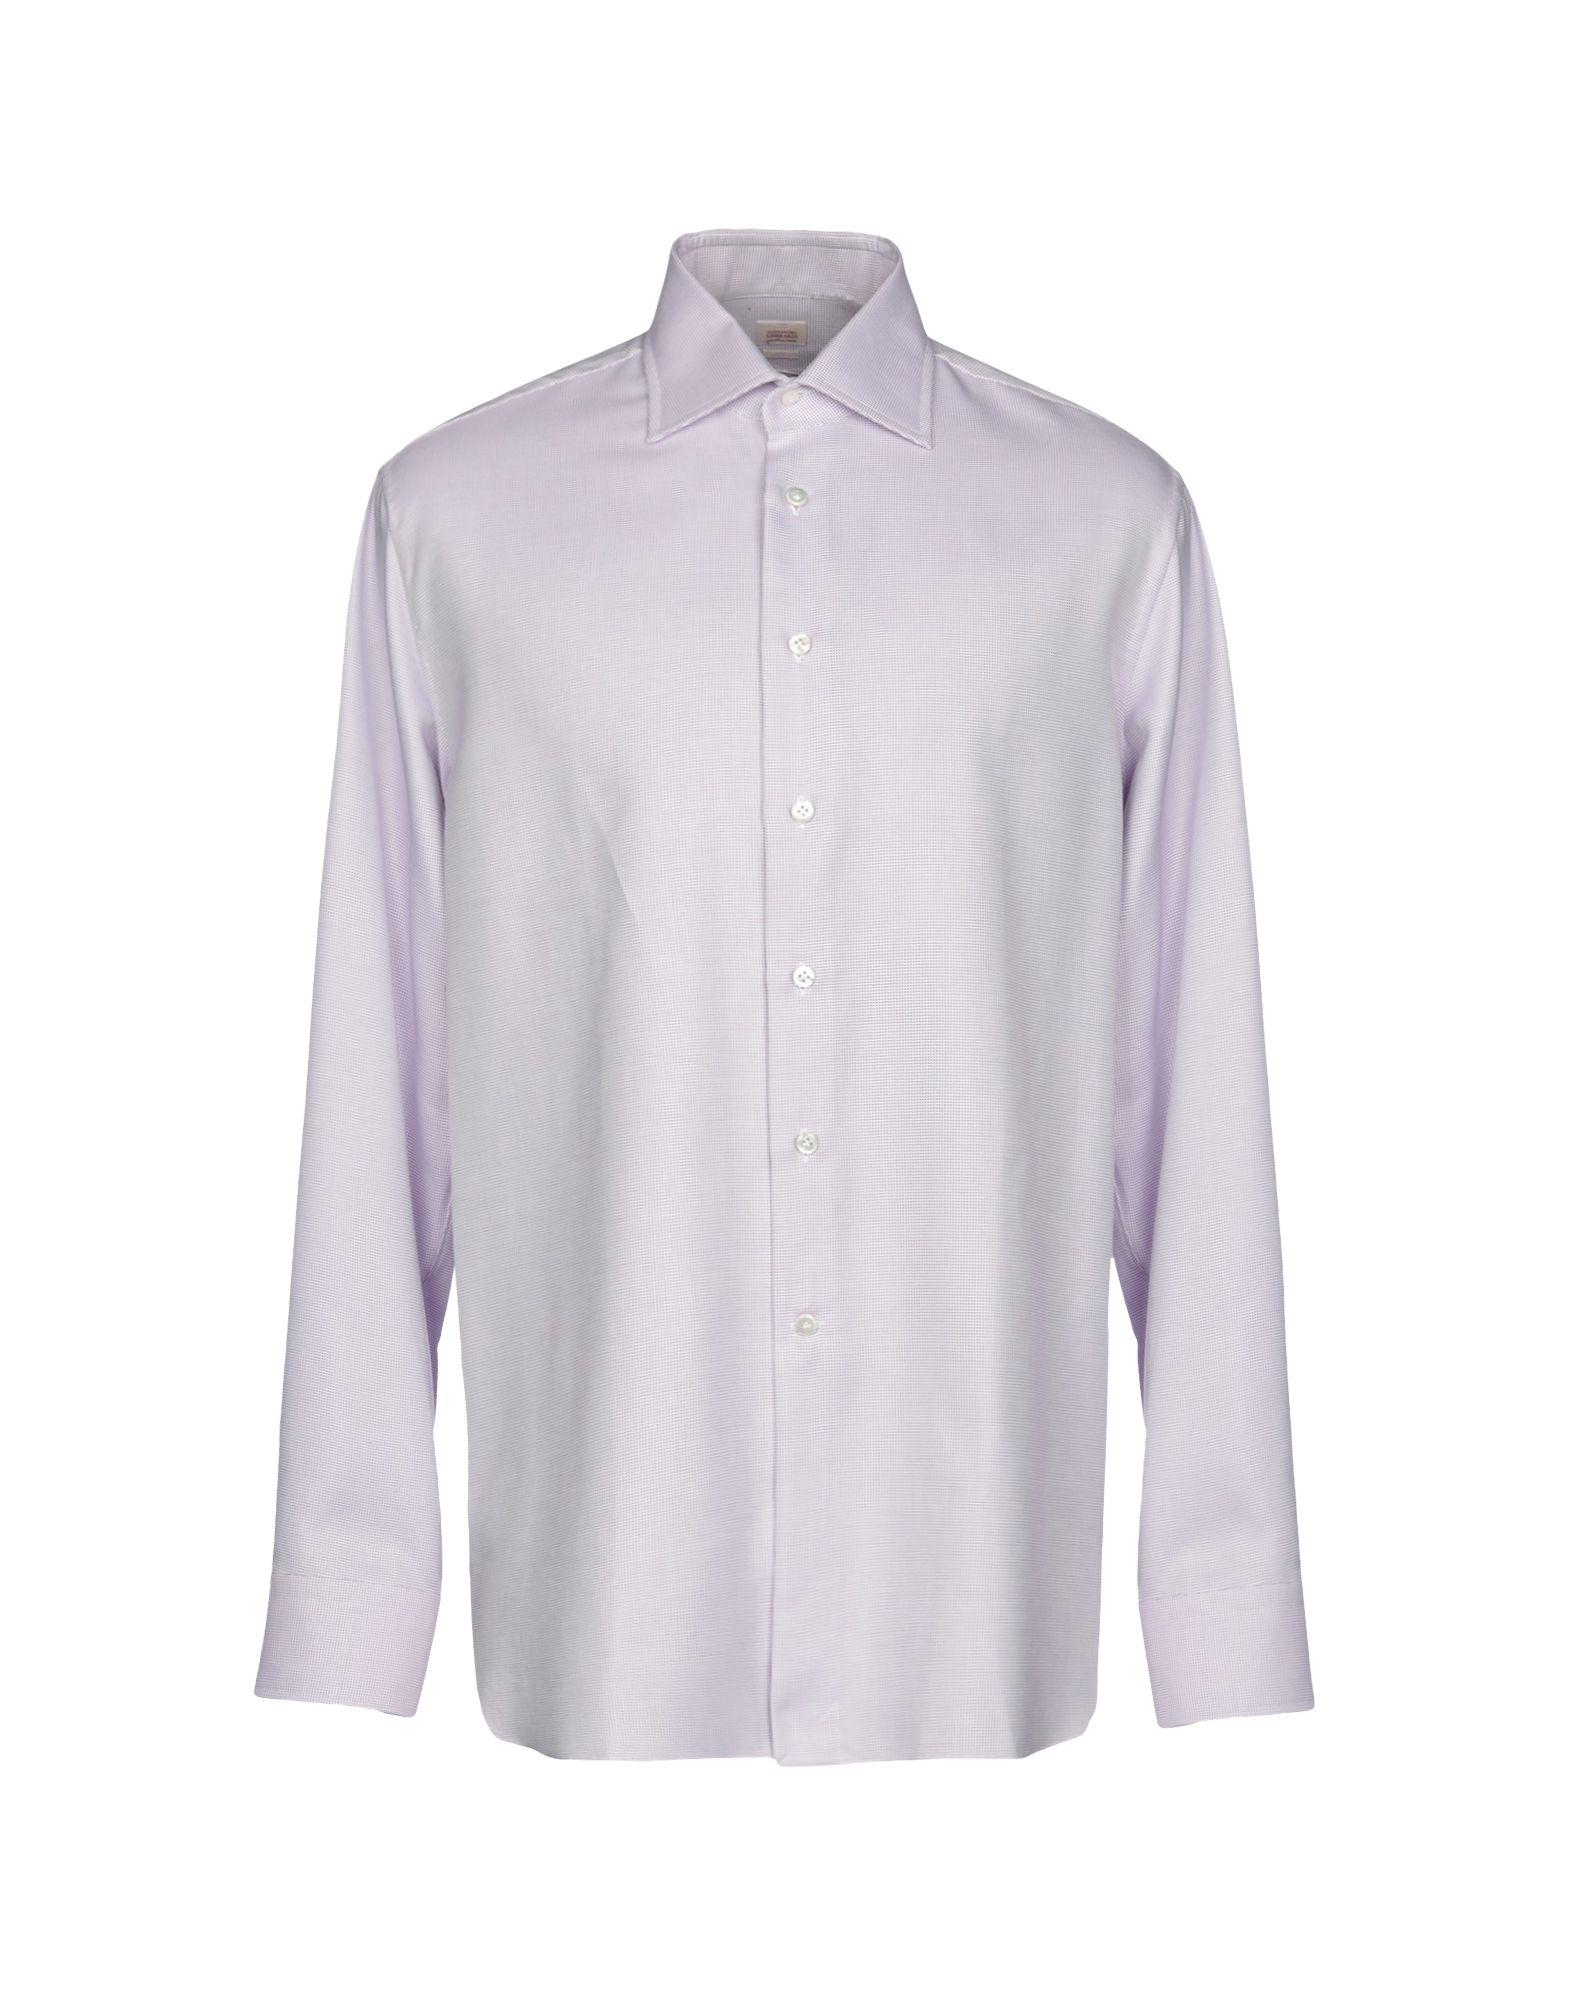 《送料無料》ALESSANDRO GHERARDI メンズ シャツ ライトパープル 44 コットン 100%